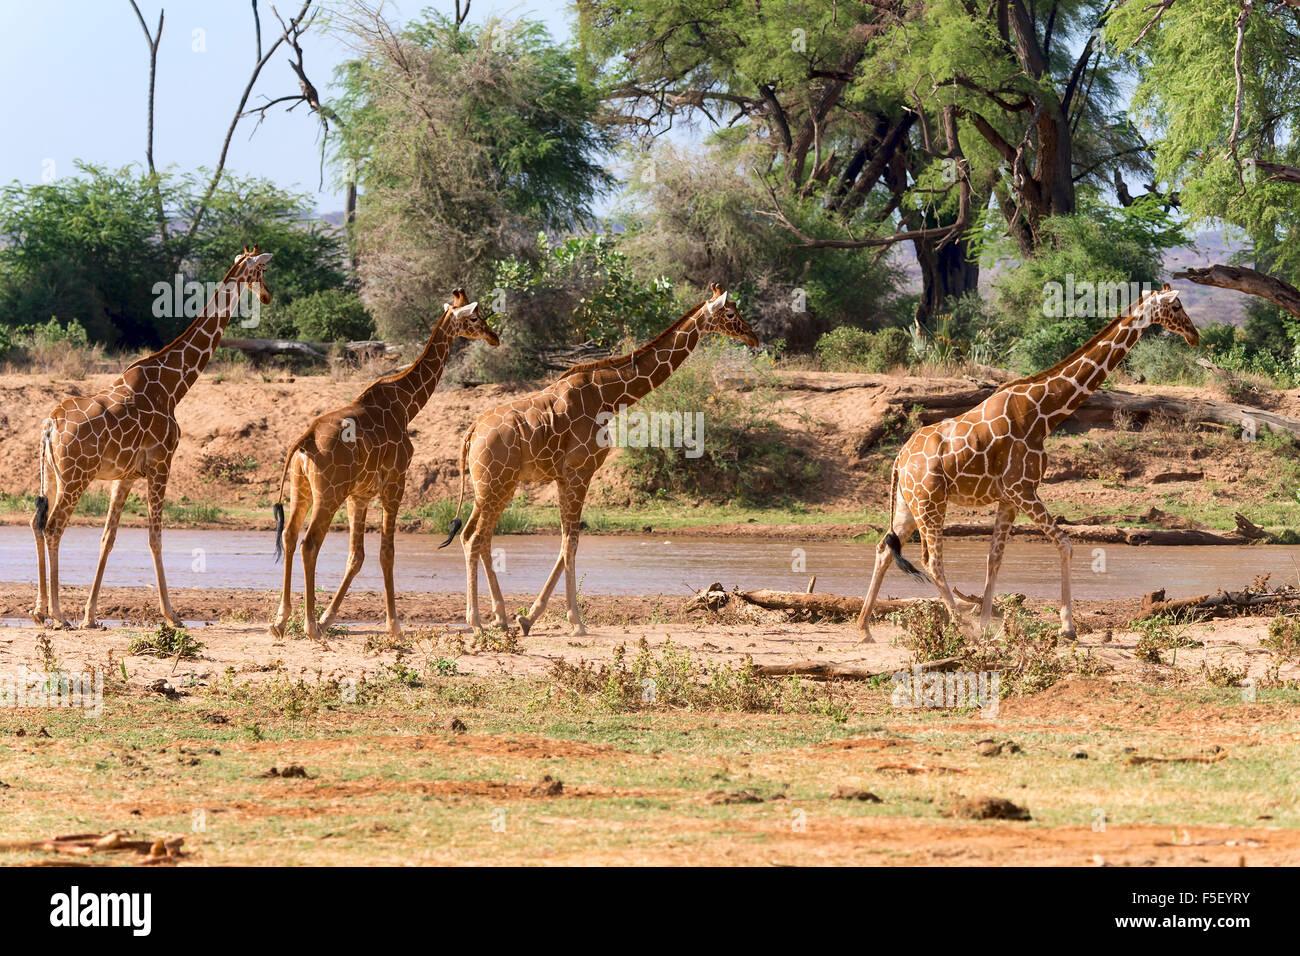 Jirafa reticulada o jirafas somalí (Giraffa camelopardalis reticulata) funcionando a lo largo de río, Reserva Nacional de Samburu, Kenia Foto de stock